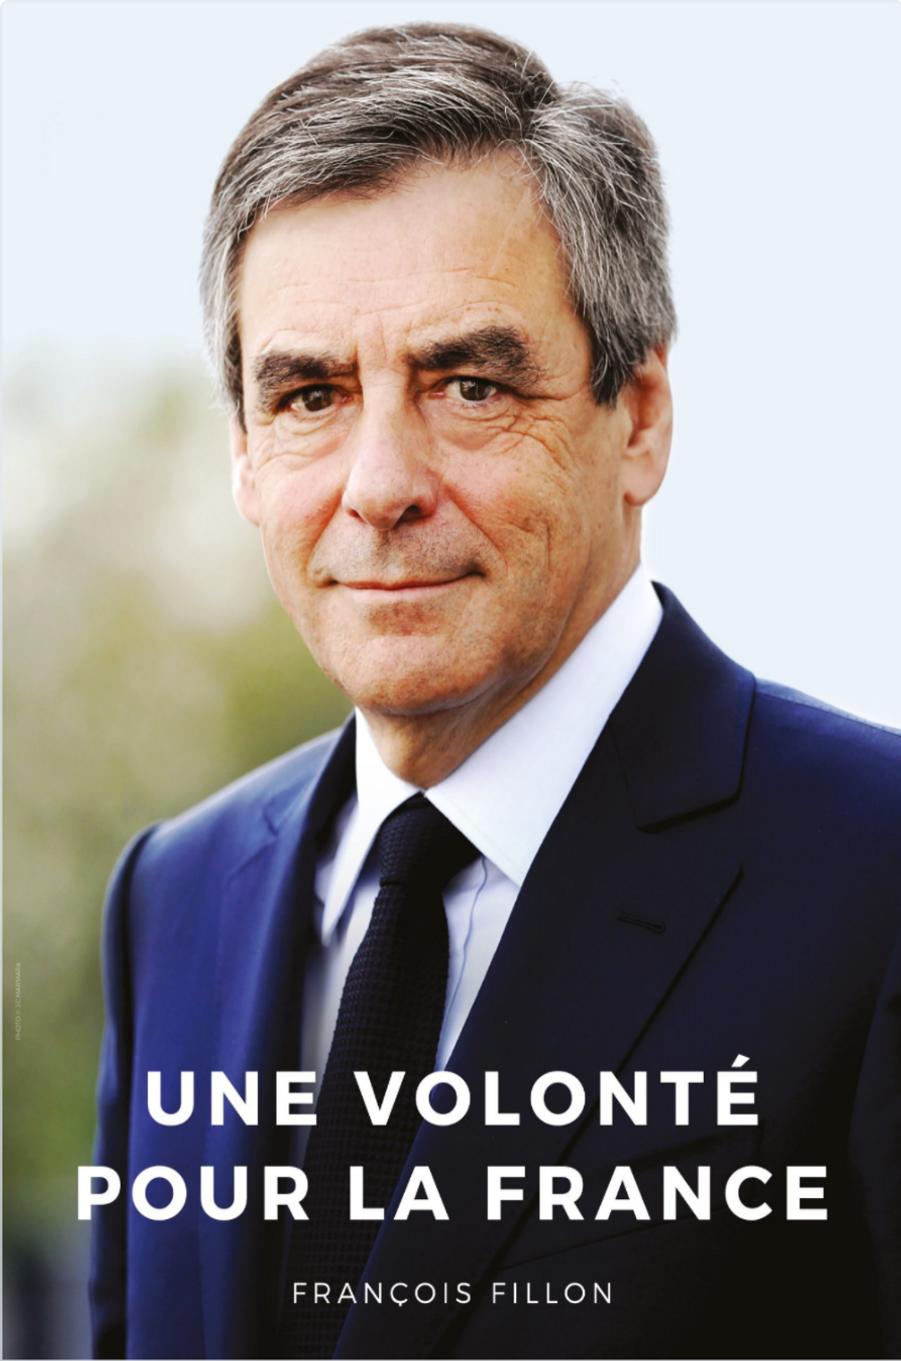 François Fillon a changé de stratégie depuis sa dernière affiche de campagne. Exit la chemise et le sourire ouverts, le nouveau Fillon fronce les sourcils, porte veste et cravate tricot, et ne parle plus de «vérité», mais de «volonté».